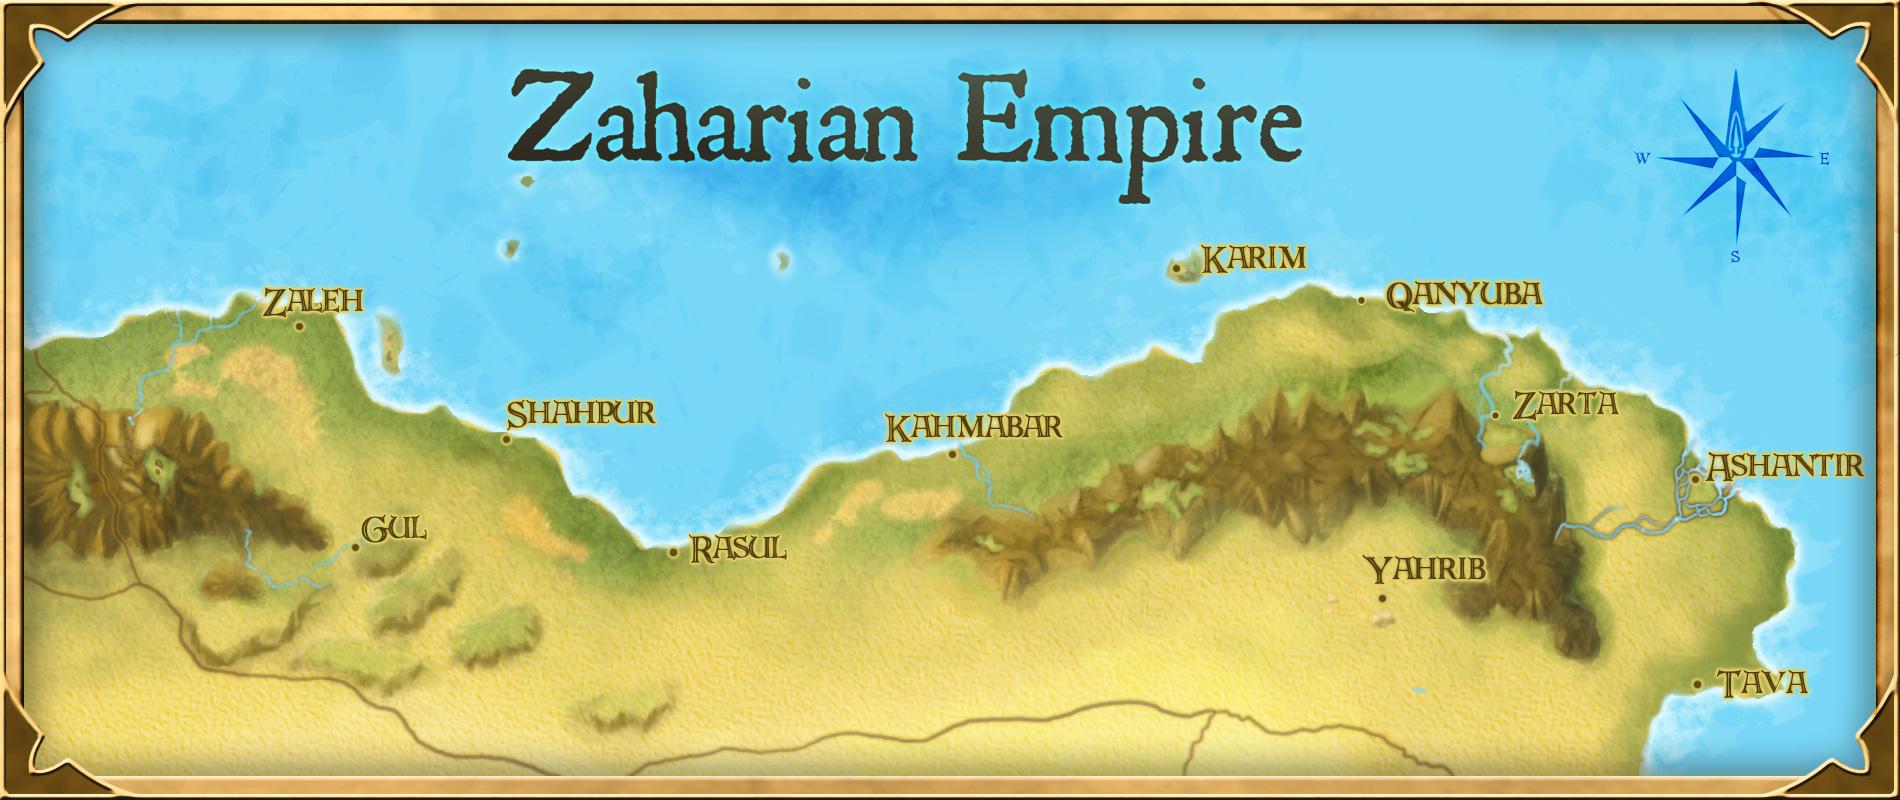 The Zaharian Empire